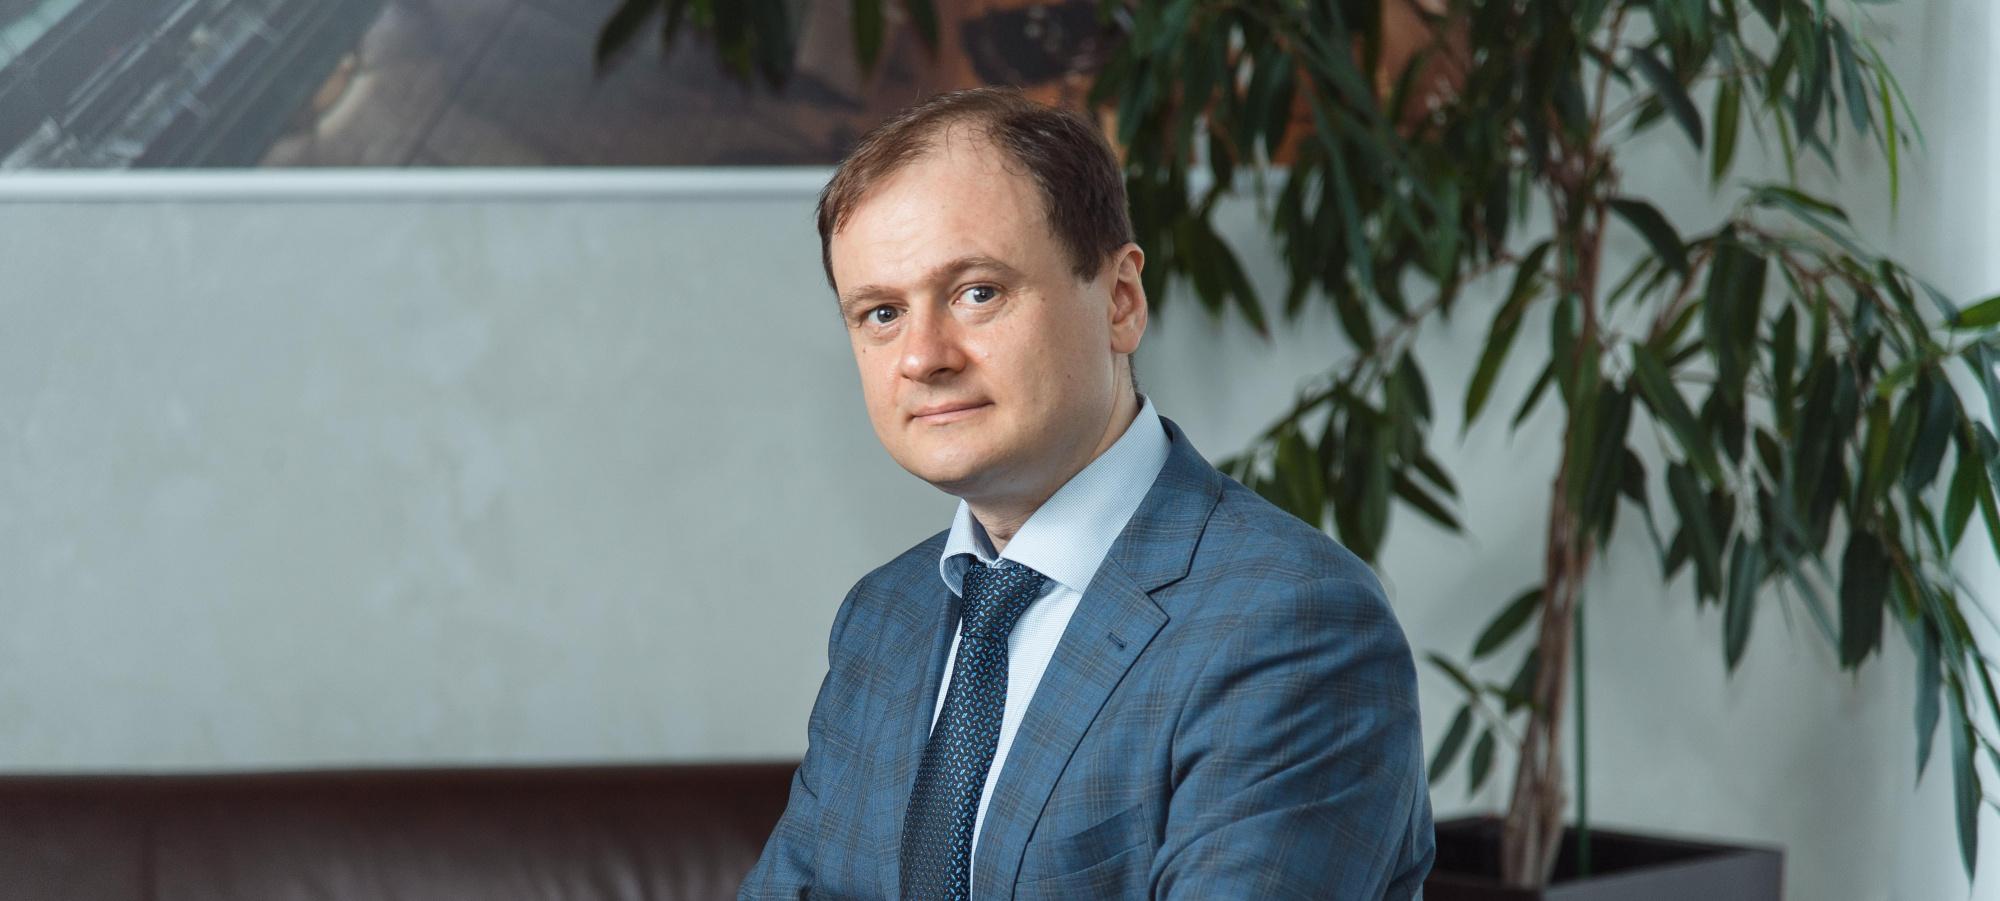 Заместитель гендиректора «Газпромнефть – Каталитические системы» Александр Зайцев: «Мы создаем единую площадку для коммуникации с профессиональным сообществом по каталитическим технологиям»